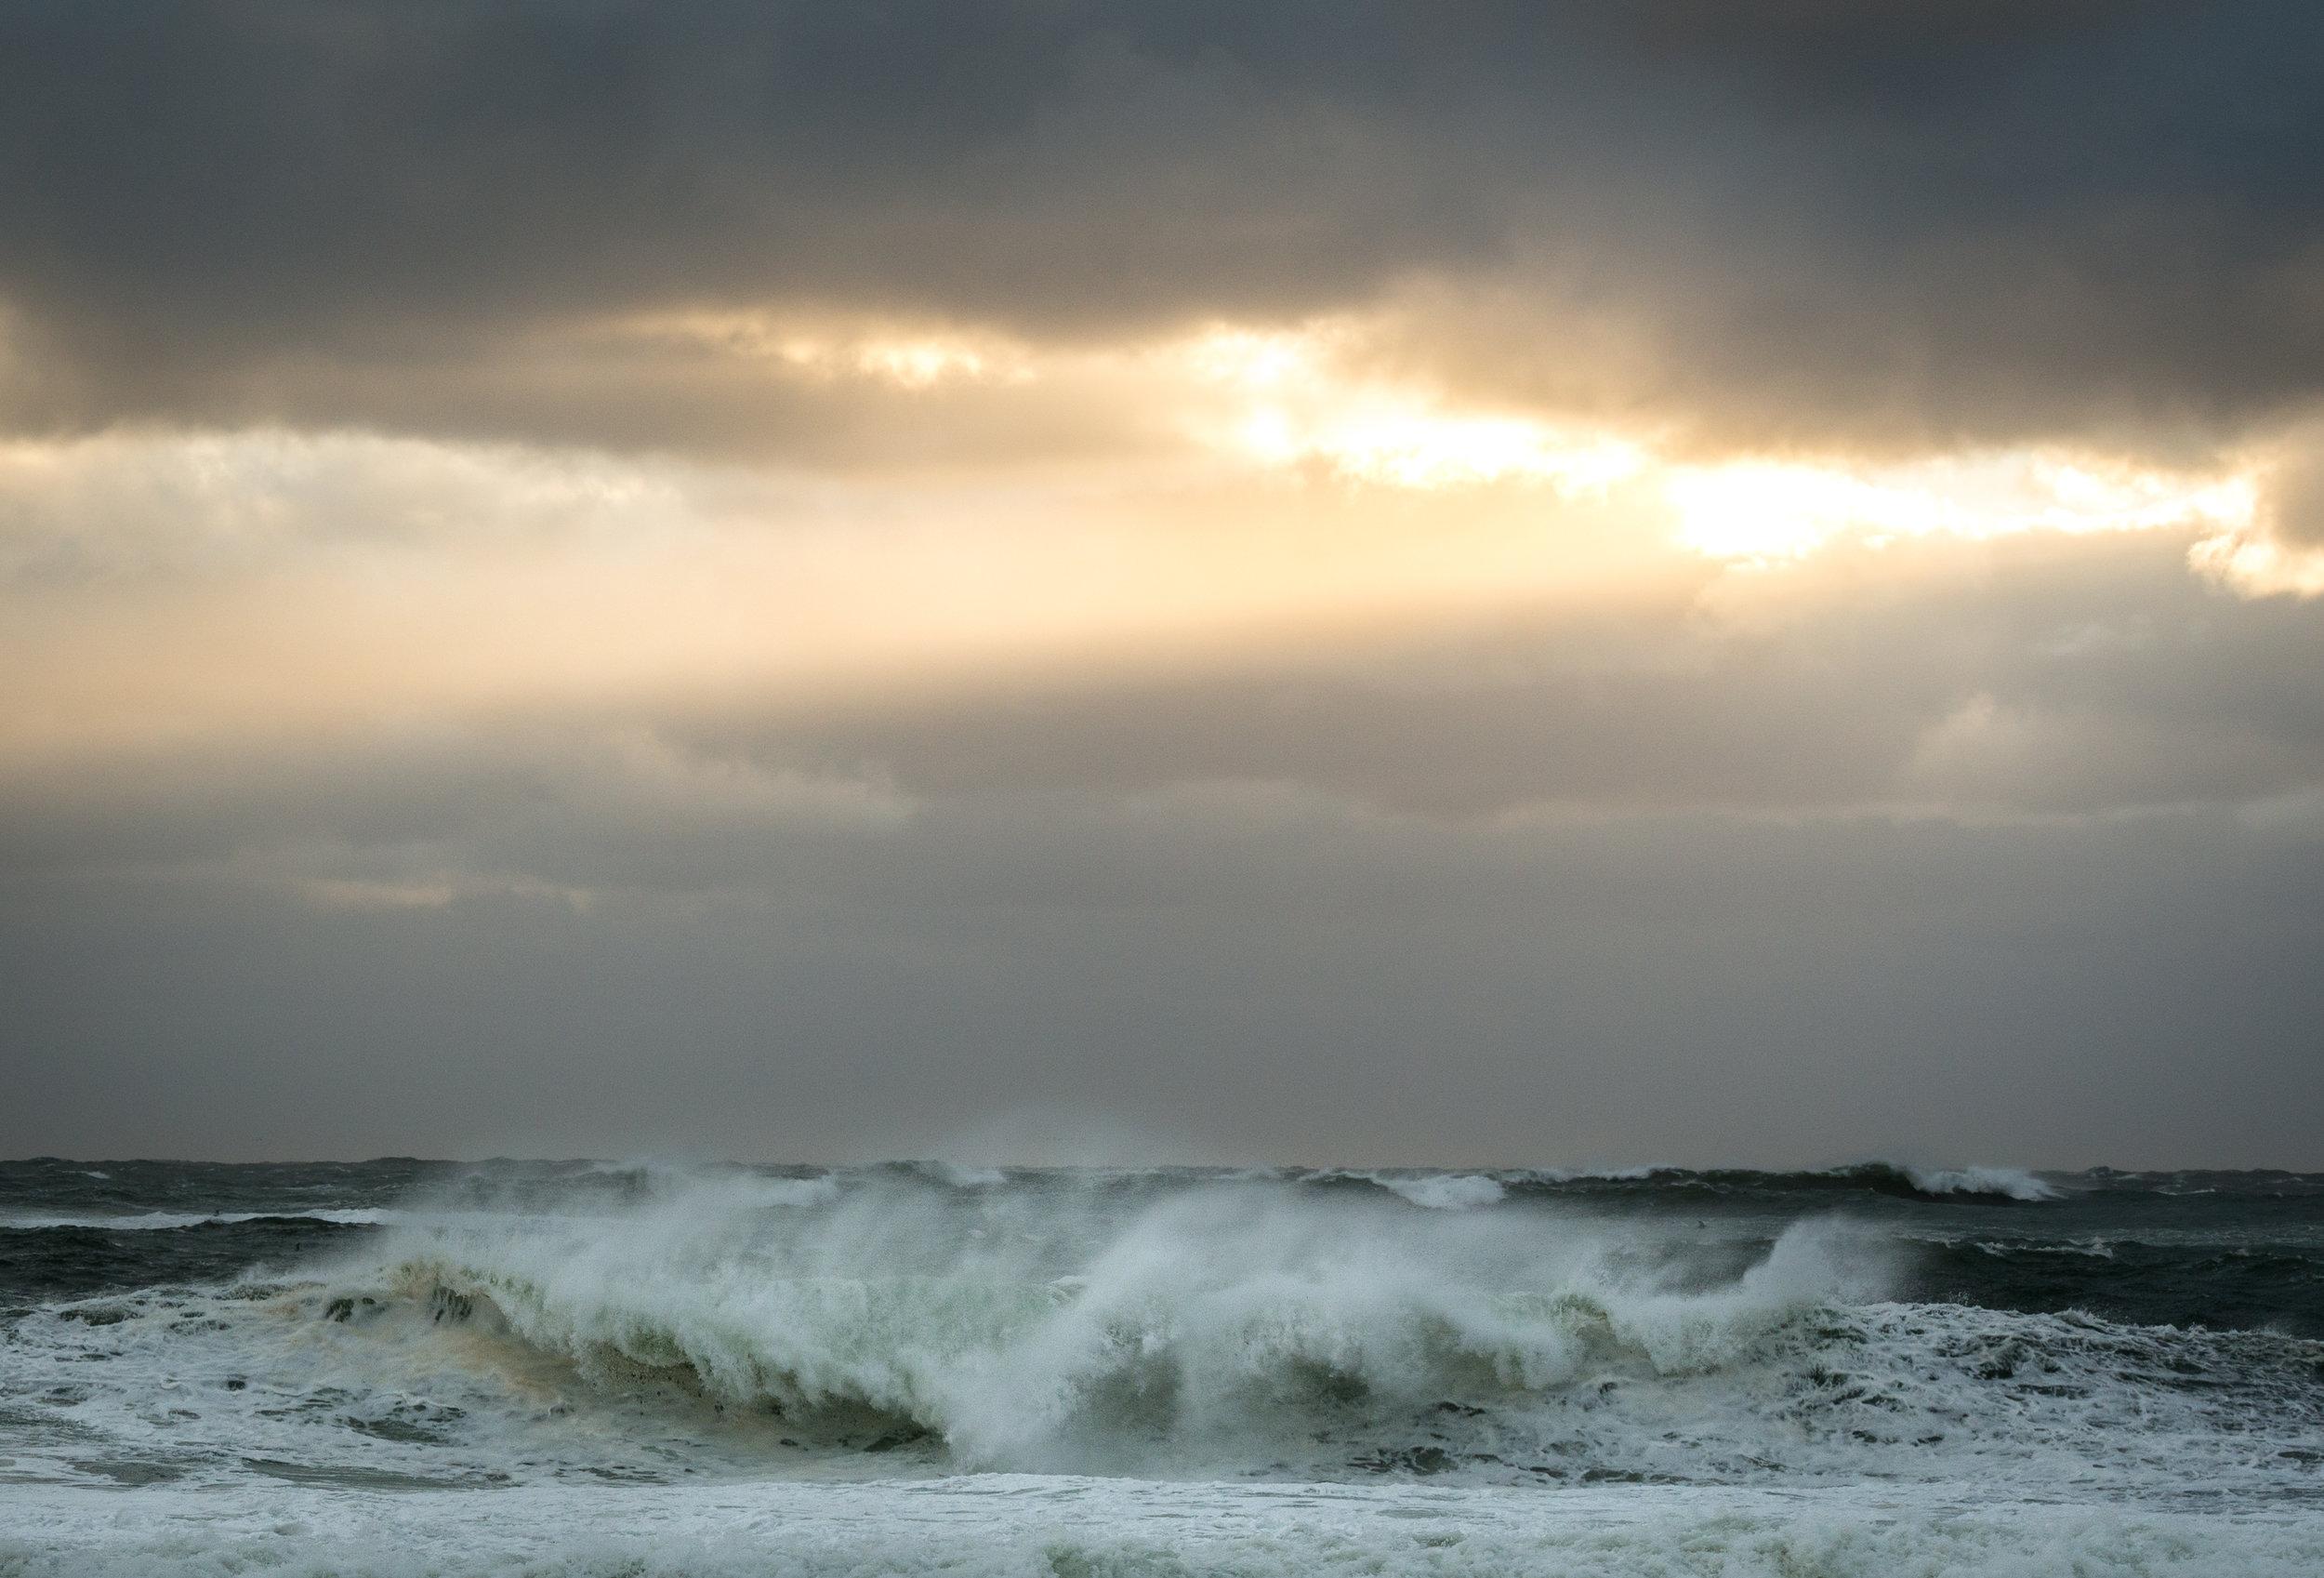 Hurricane Hermine at Nauset Beach